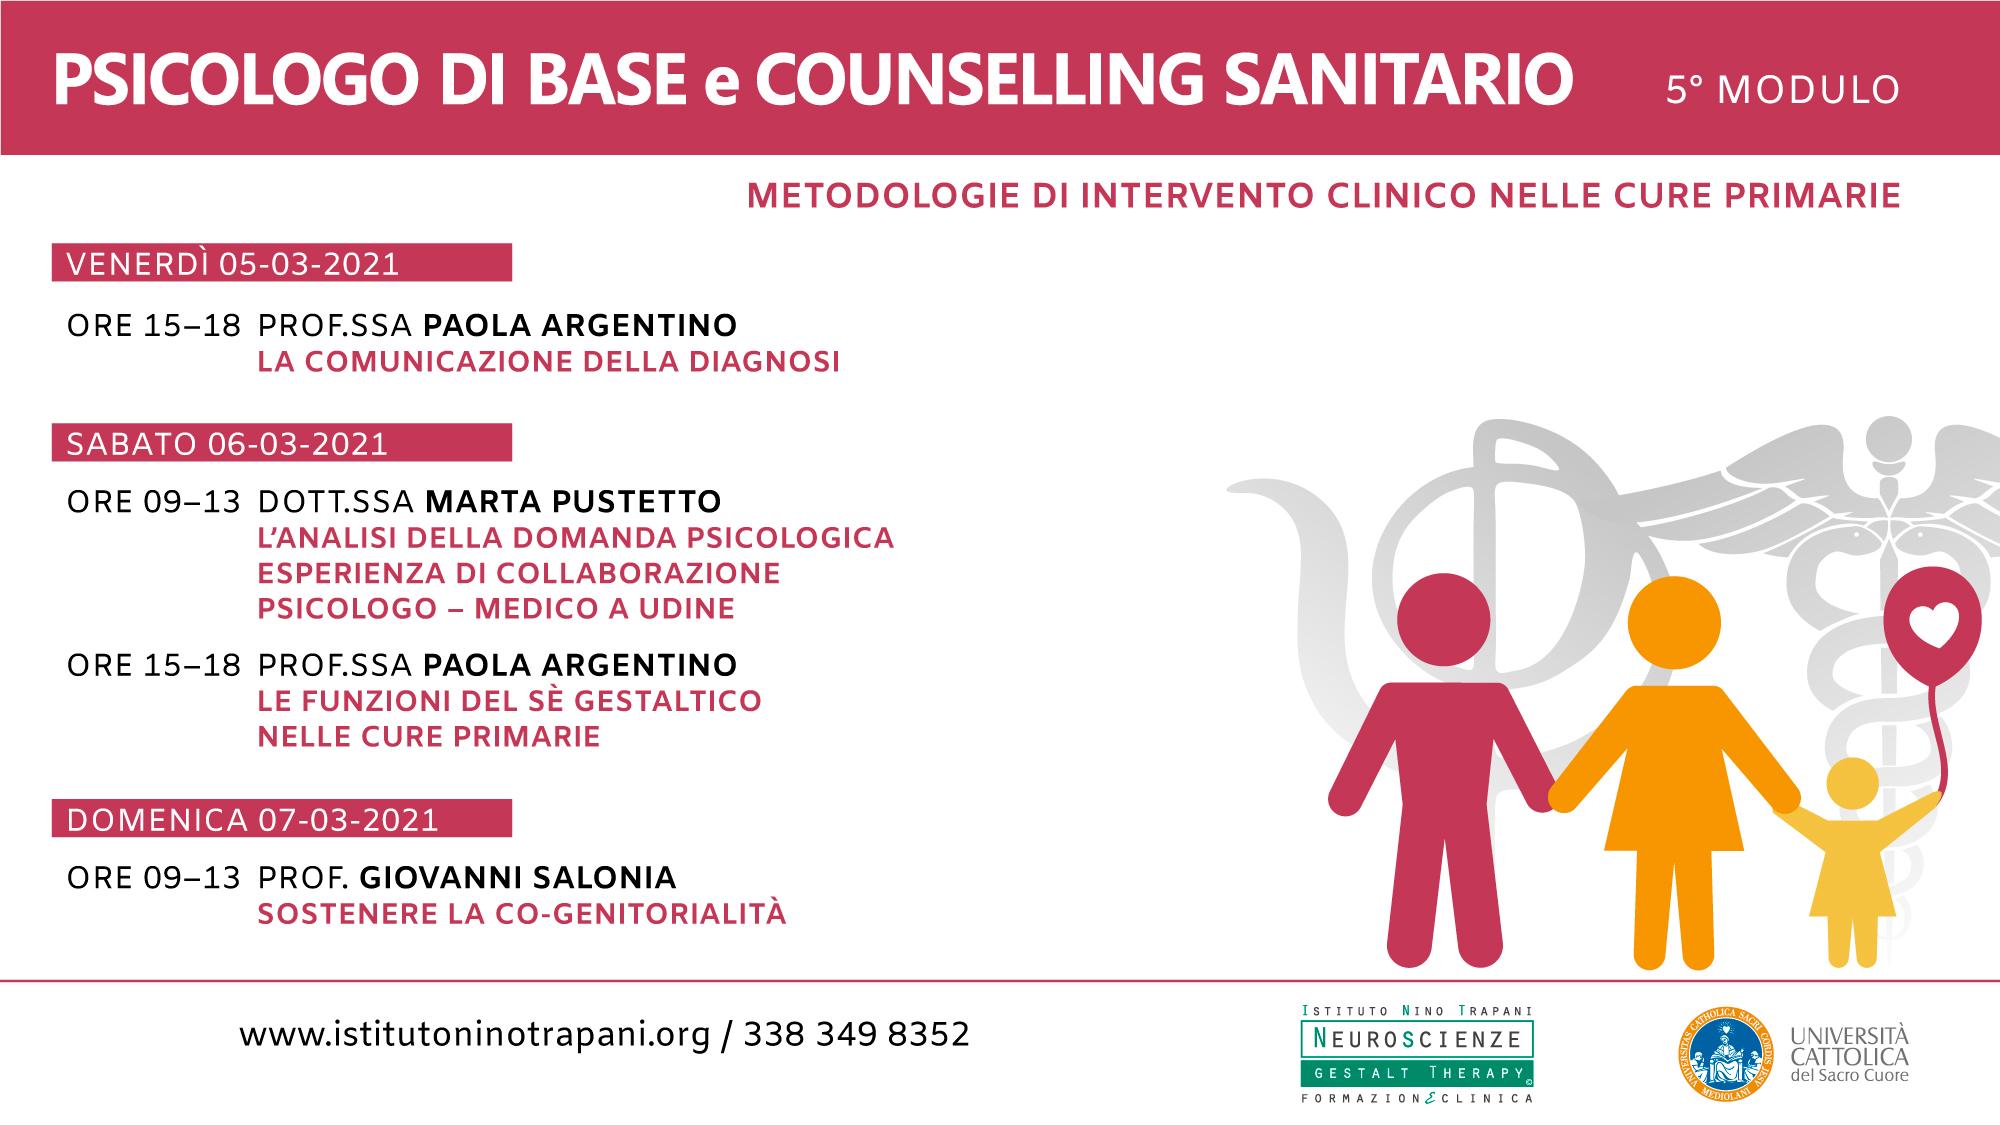 Psicologo di base e Counselling sanitario ed.1. Quinto modulo